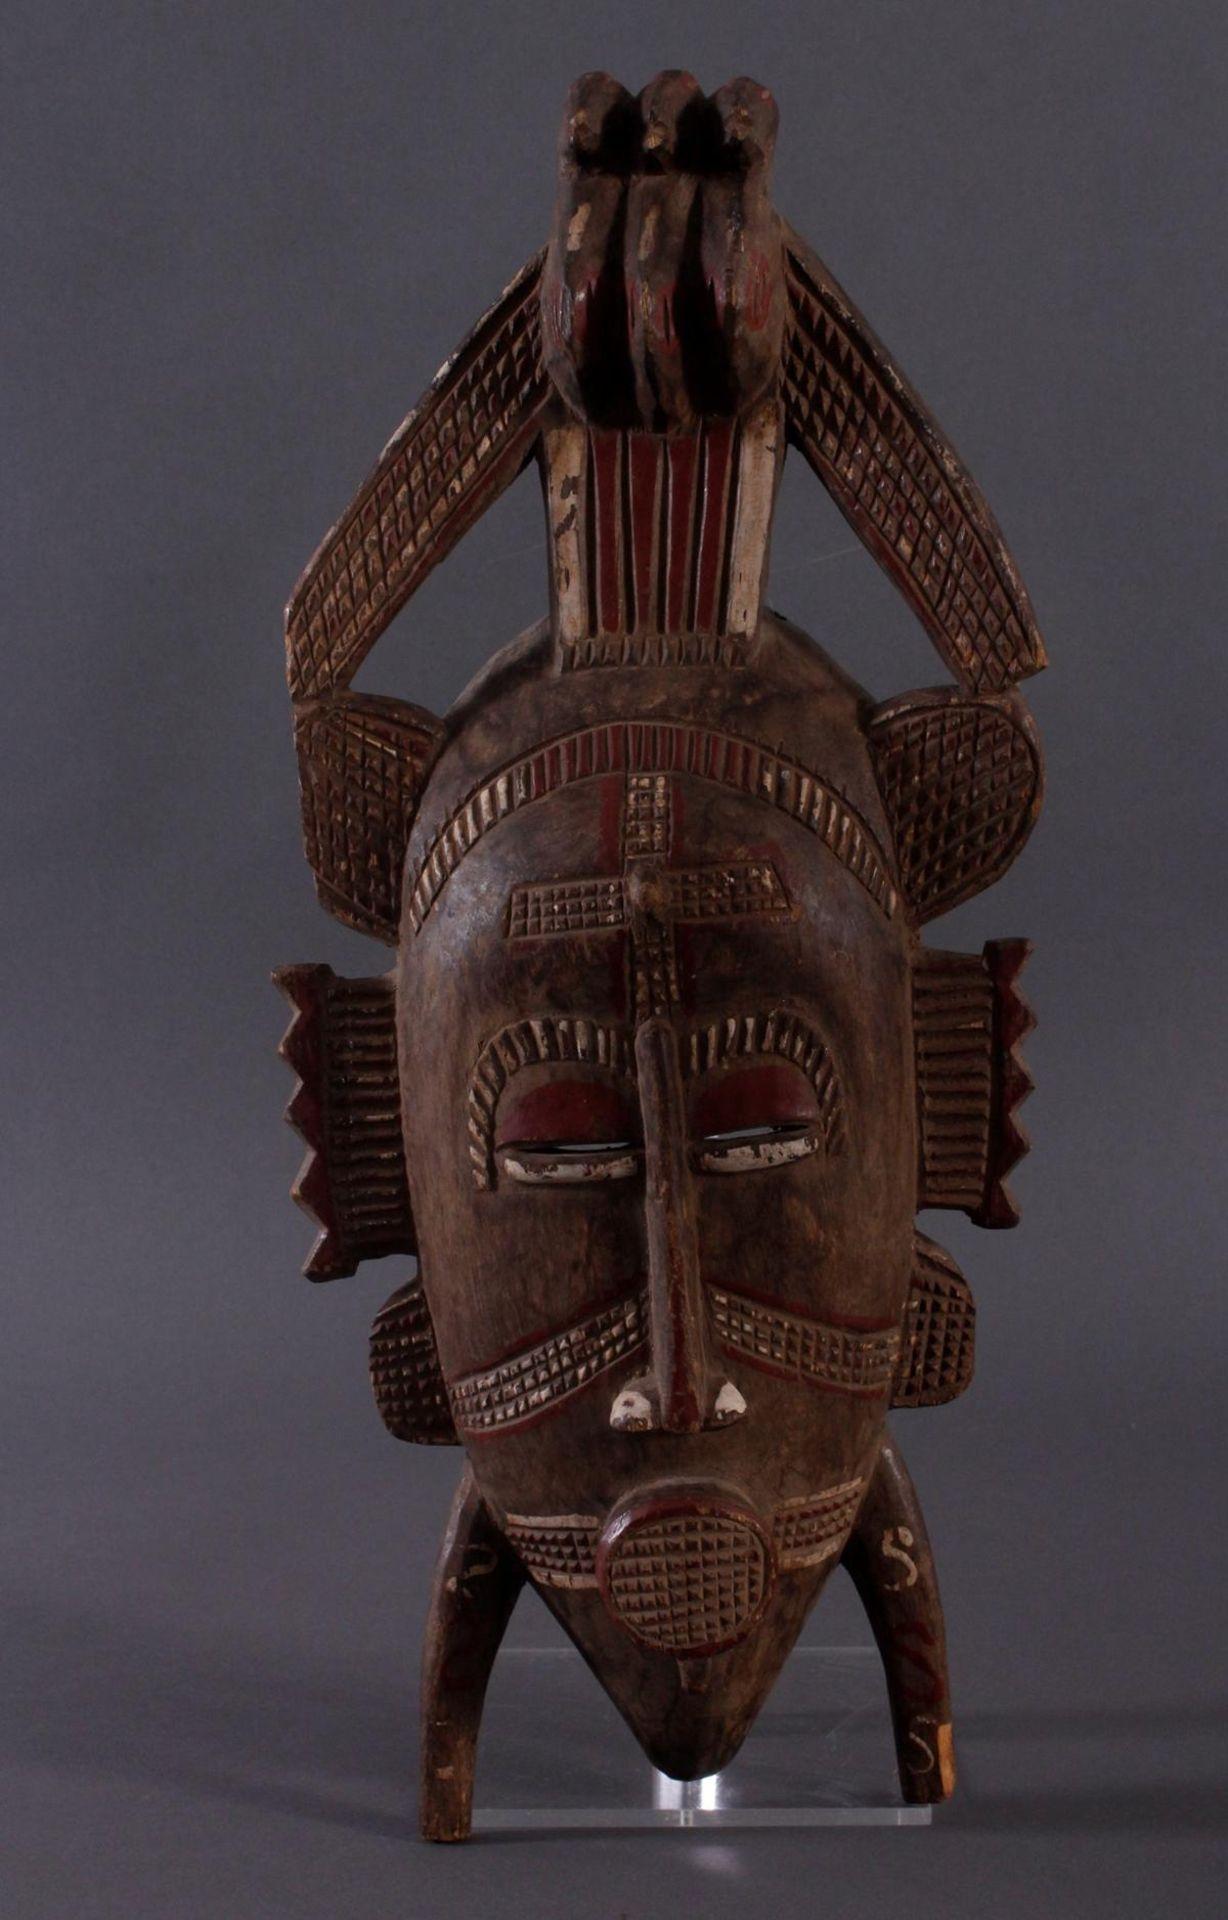 Antike Maske, Senufo, Elfenbeinküste 1. Hälfte 20. Jh.Holz geschnitzt, rotbraune und Weiße Bemalung,